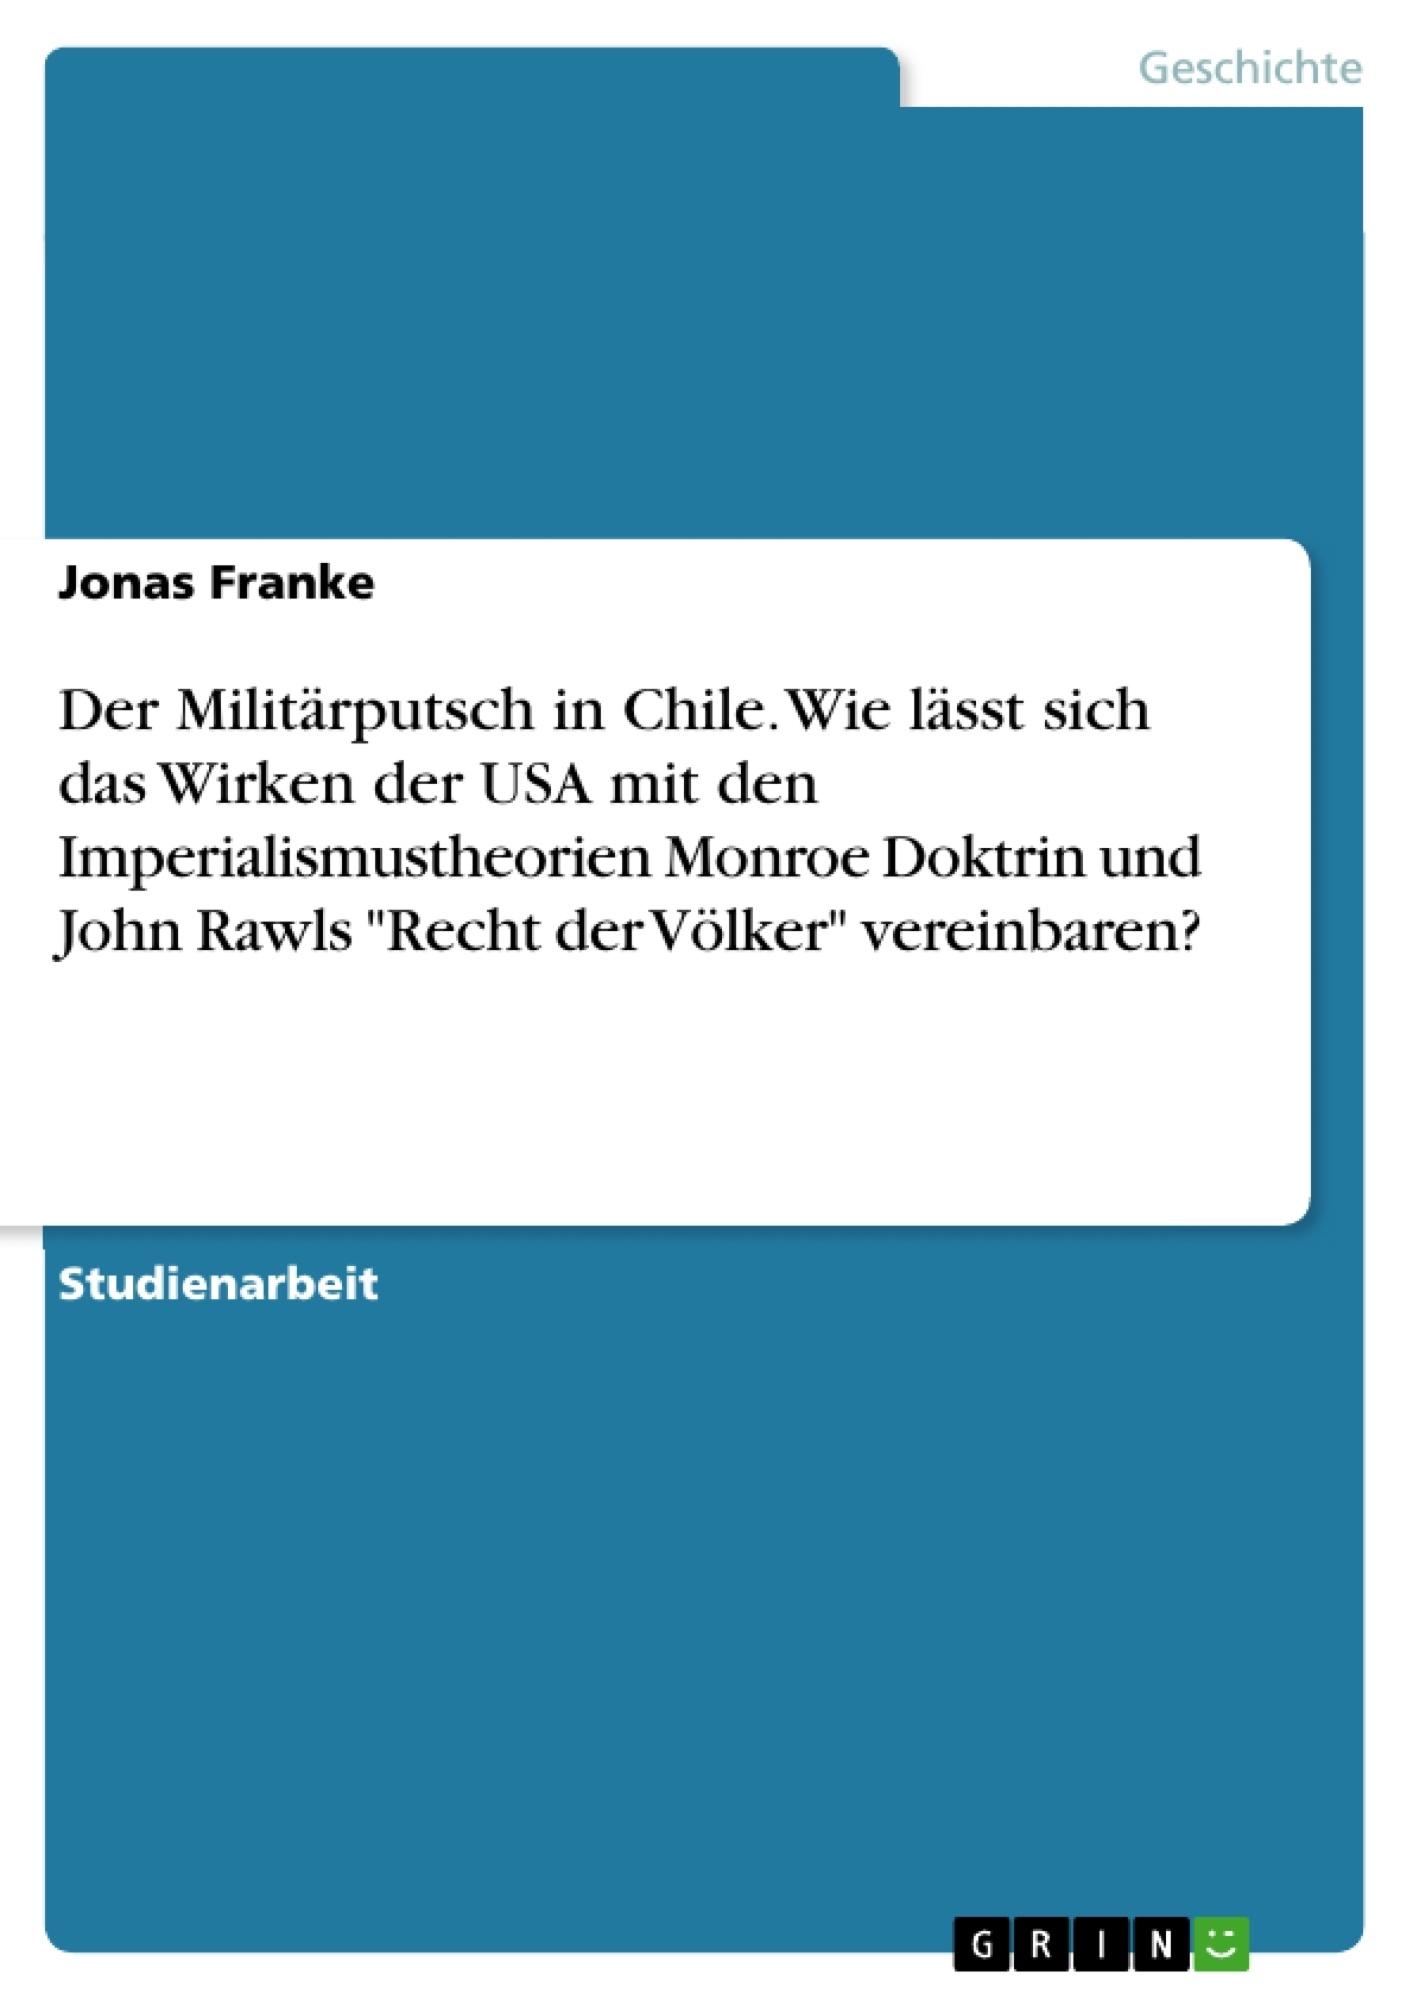 """Titel: Der Militärputsch in Chile. Wie lässt sich das Wirken der USA mit den Imperialismustheorien Monroe Doktrin und John Rawls """"Recht der Völker"""" vereinbaren?"""